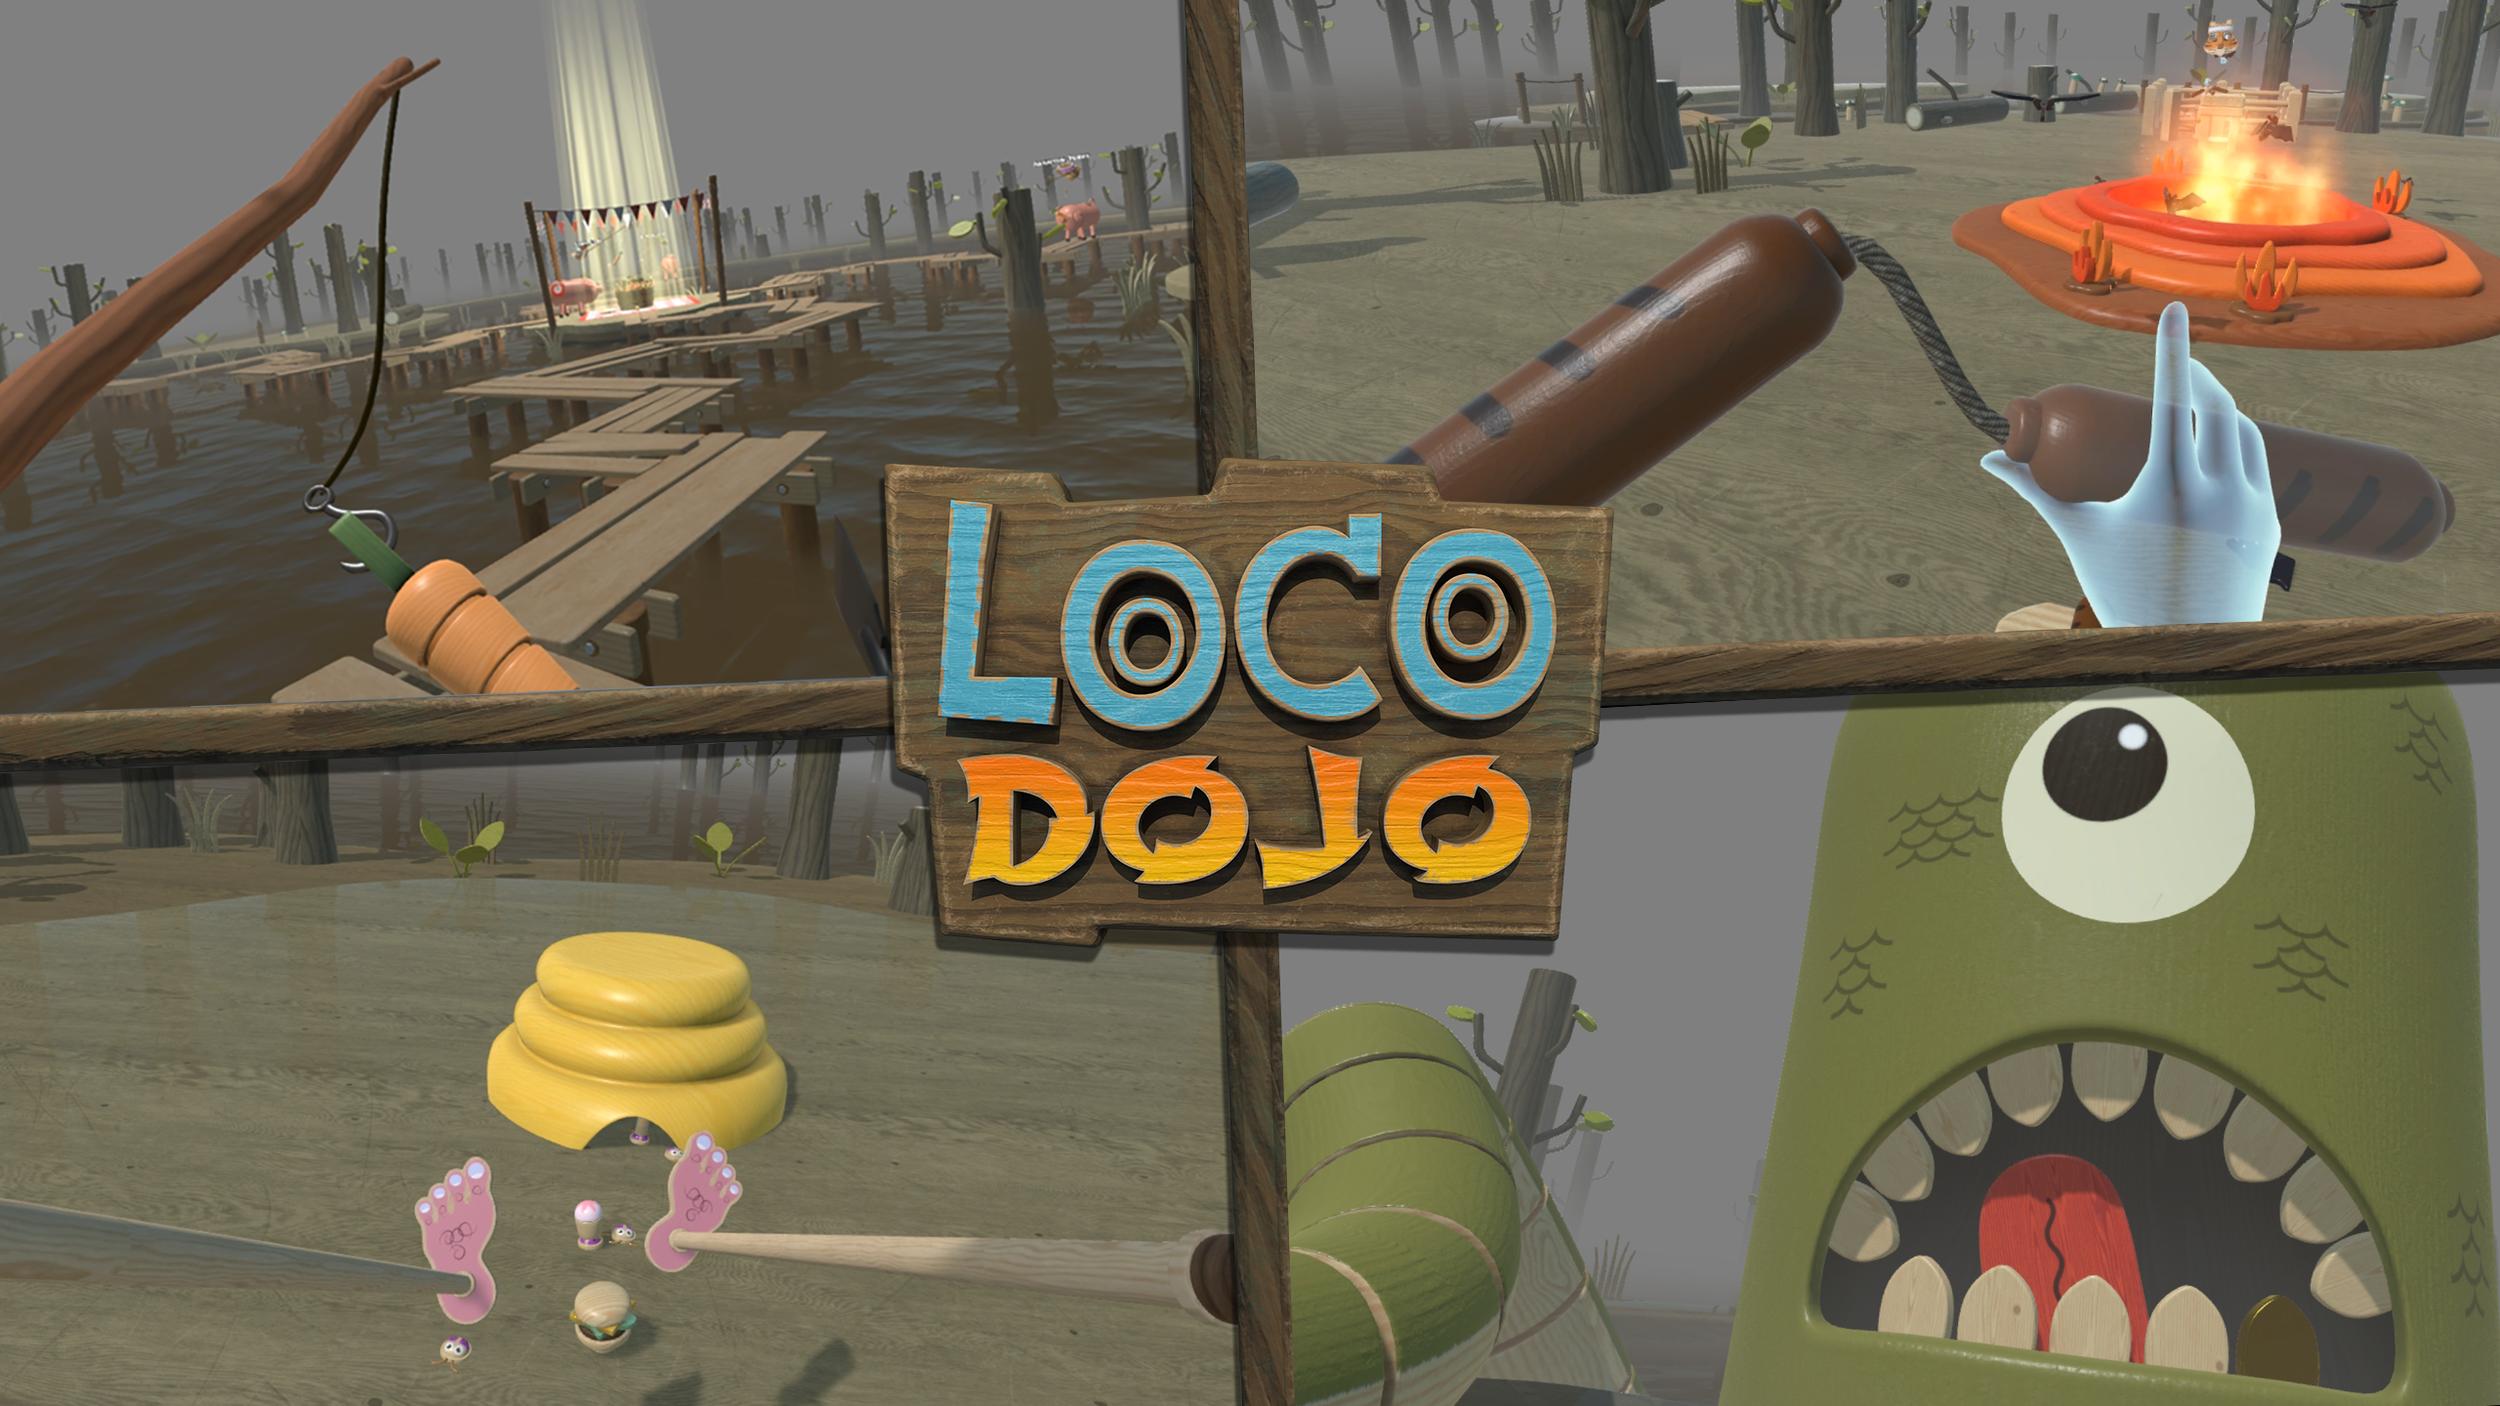 LocoDojoScreenshot_FoggyMarsh.png